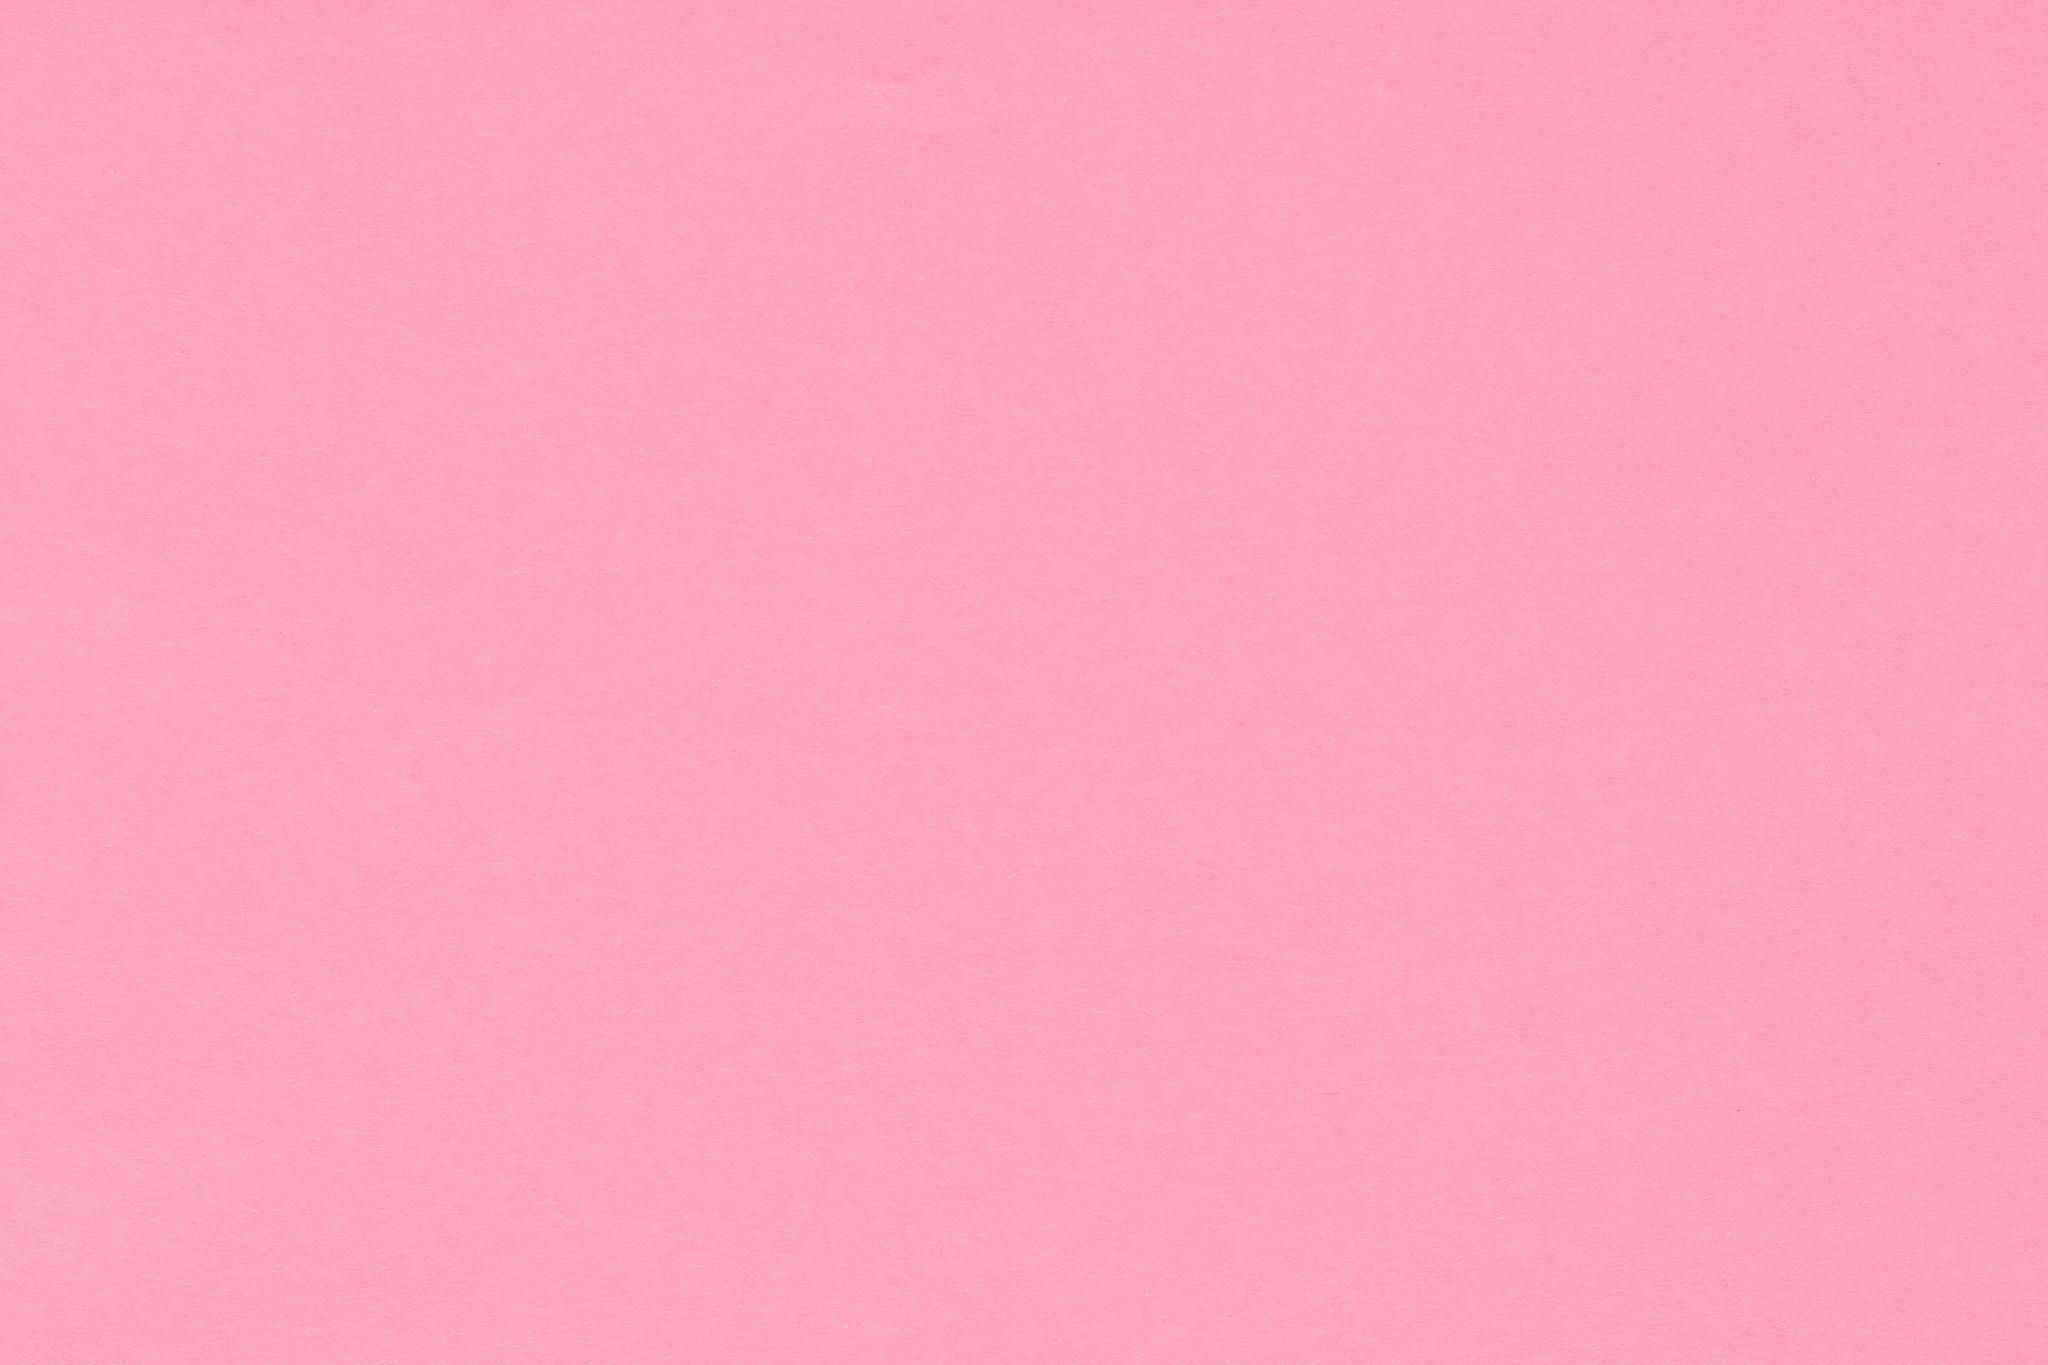 「優しい雰囲気の桃色の紙」の画像を無料ダウンロード